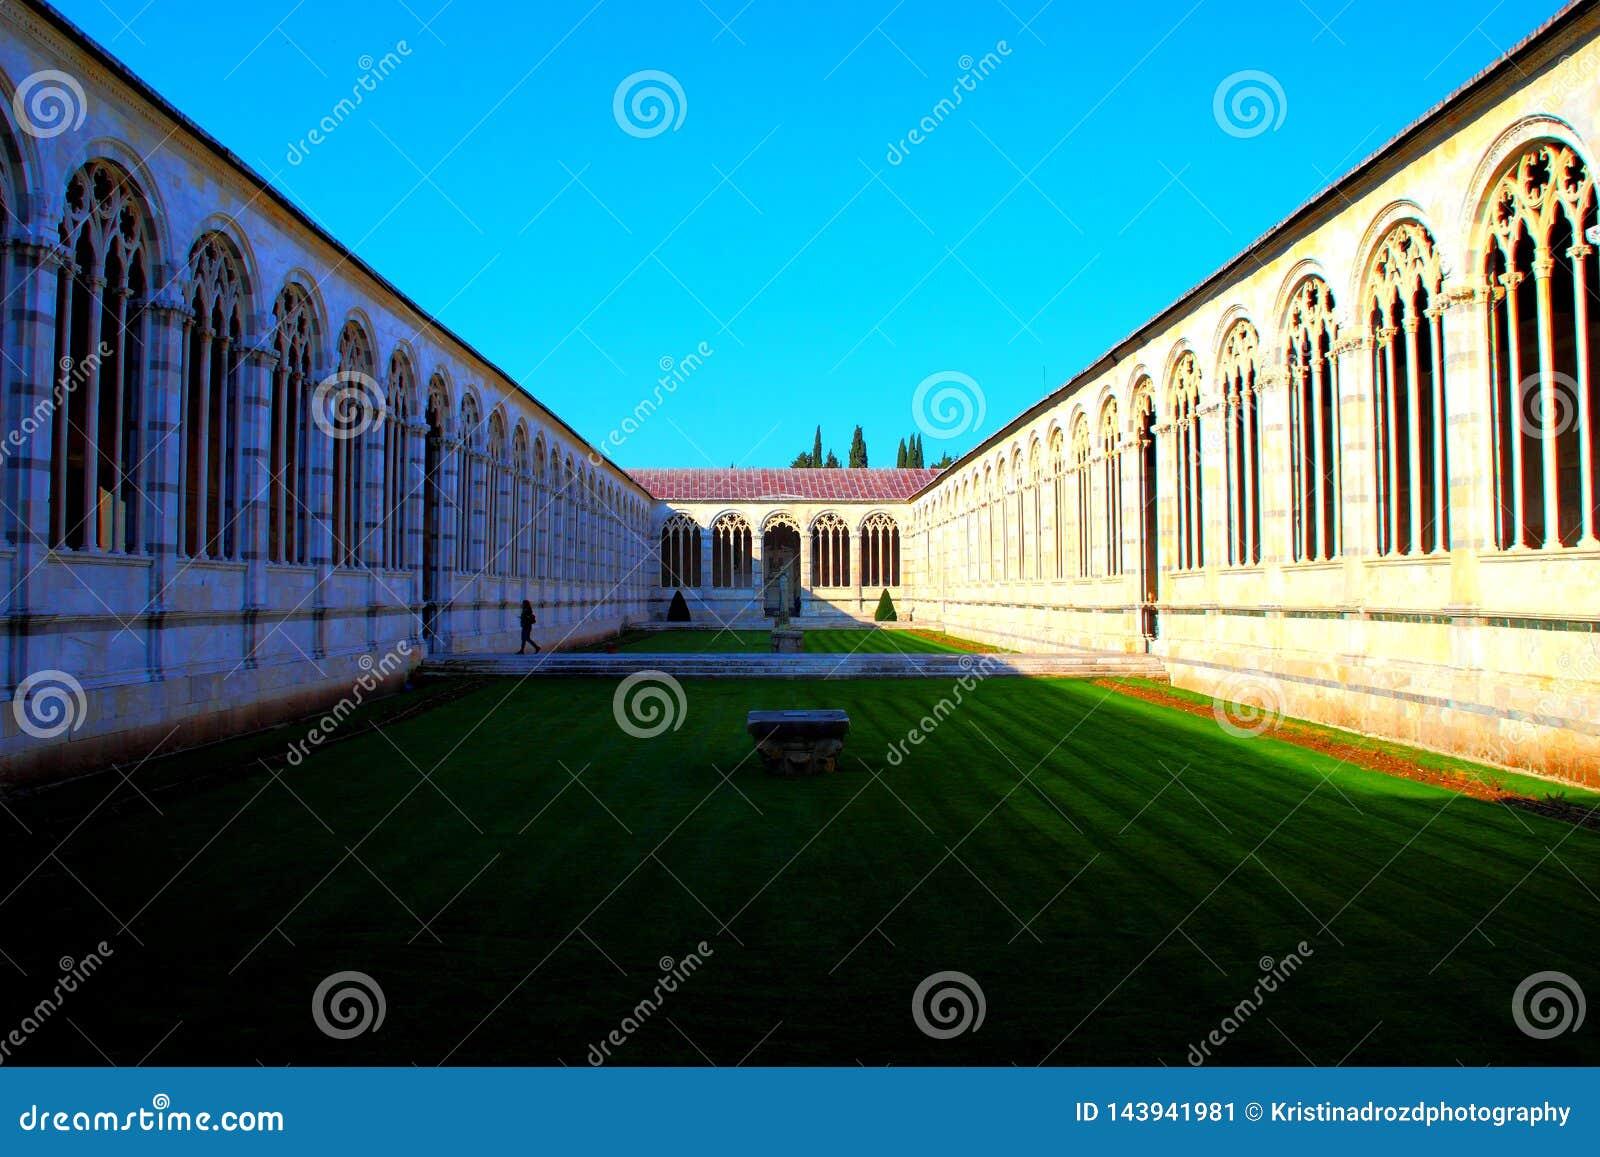 PISA, ITÁLIA - CERCA DO FEVEREIRO DE 2018: O interior do cemitério monumental no quadrado dos milagre